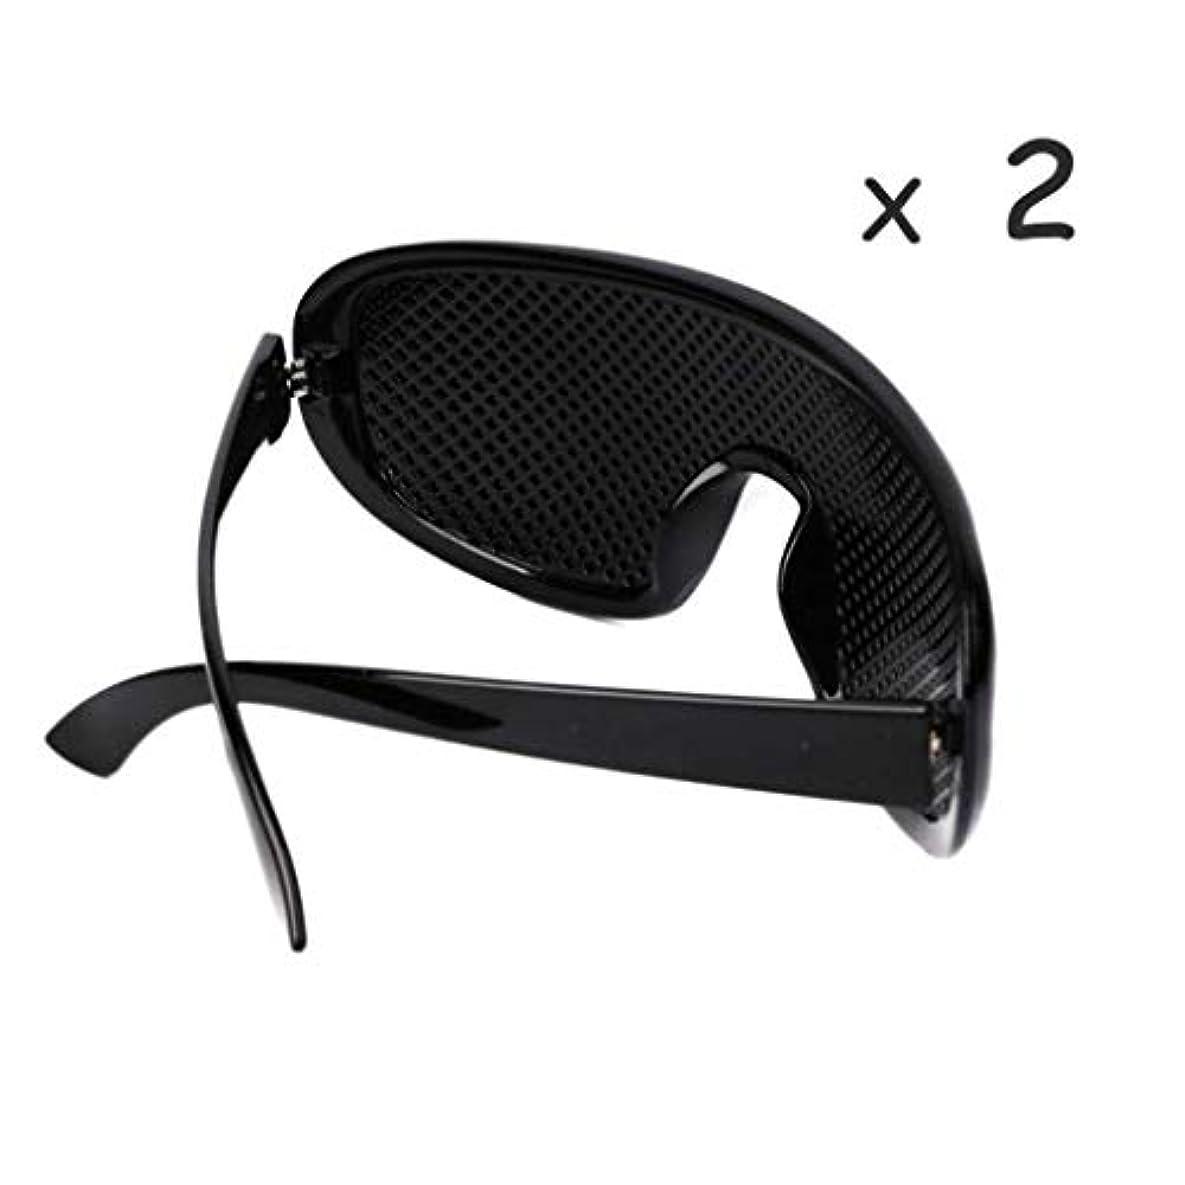 治世スカルク高いピンホールメガネ、アイズエクササイズアイサイトビジョンメガネの改善ビジョンケアメガネ近視の防止メガネの改善